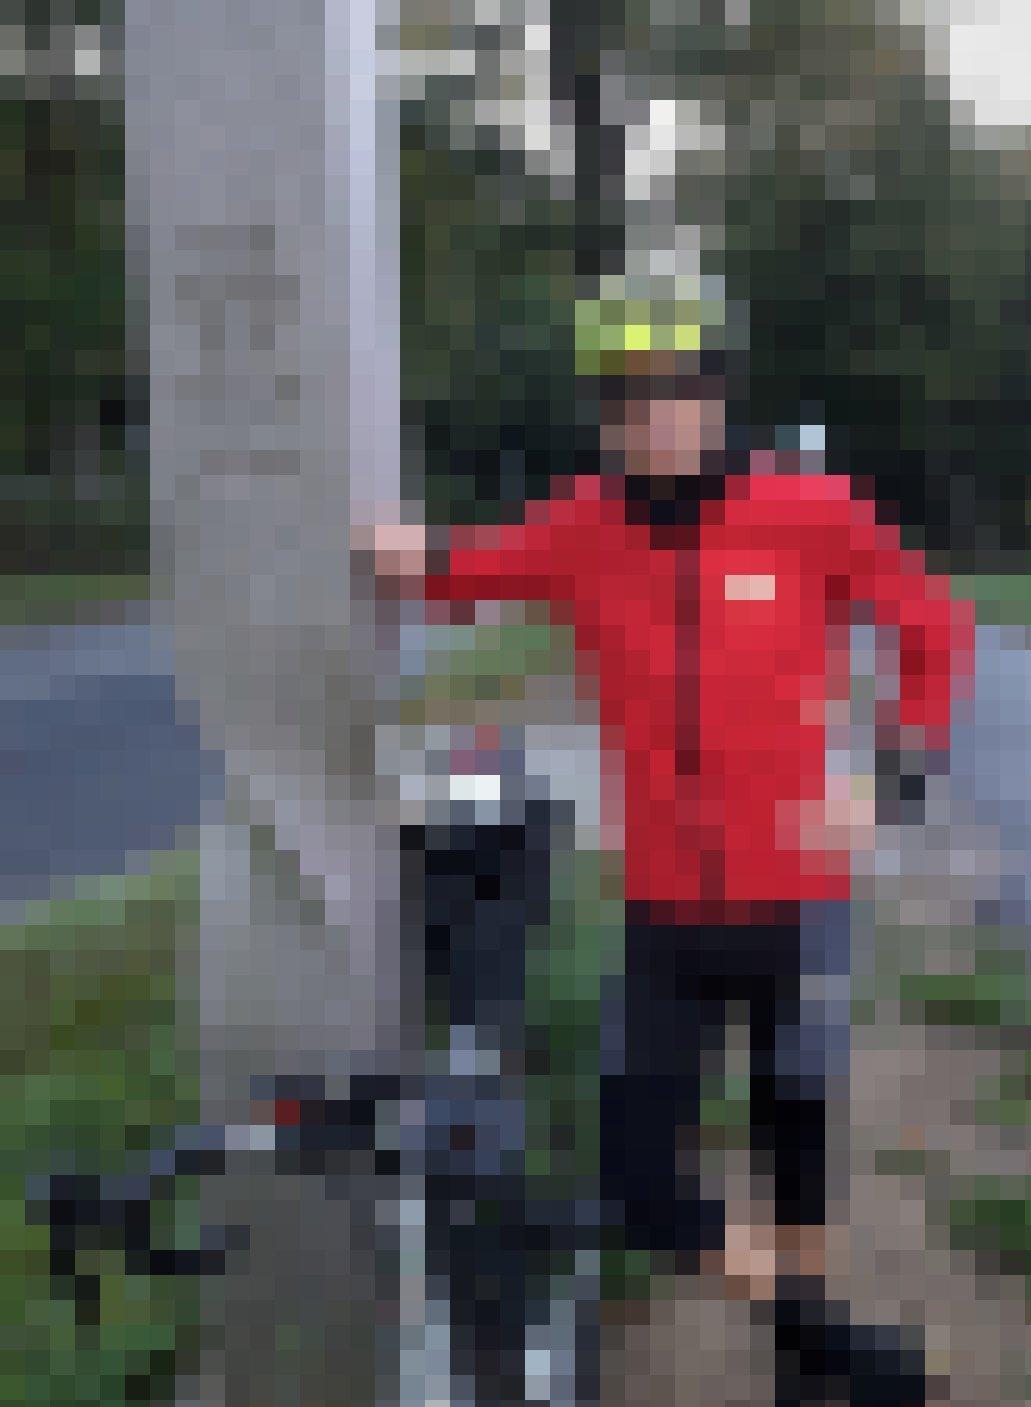 Der RadelndeReporter lehnt am Gedenkstein zum Tag der Deutschen Einheit, der am Ortsrand von Lübeck steht.